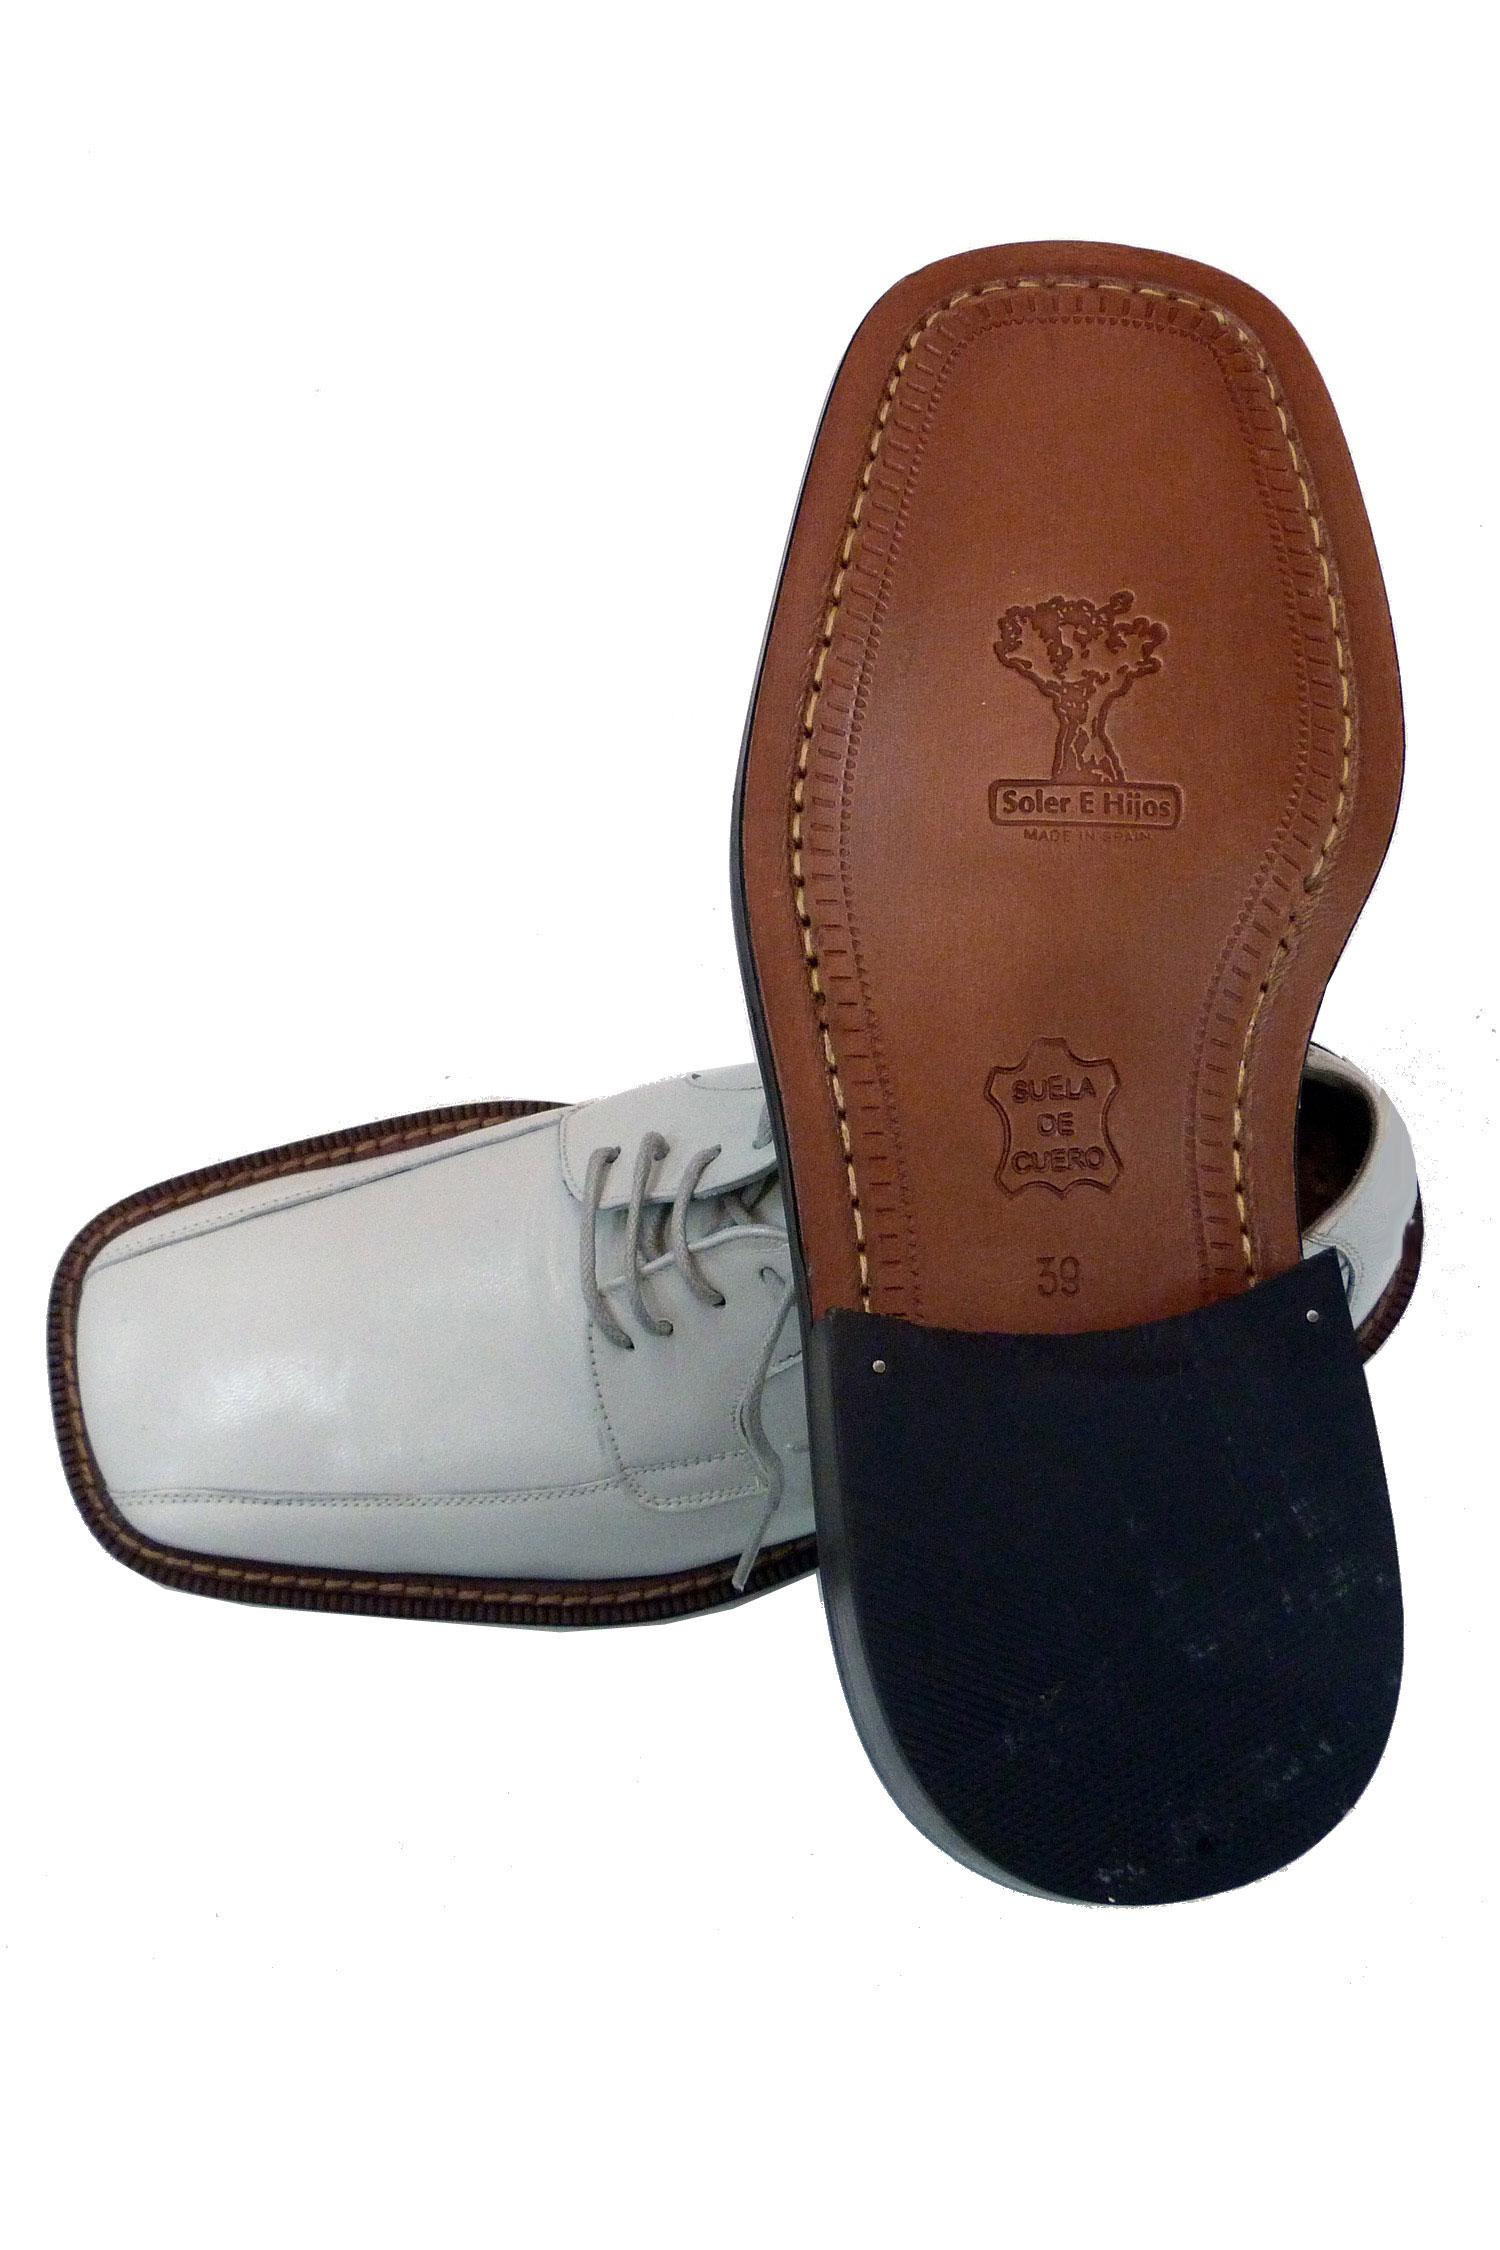 Zapatos y Etiqueta, Zapatos, 100220, PERLA | Zoom